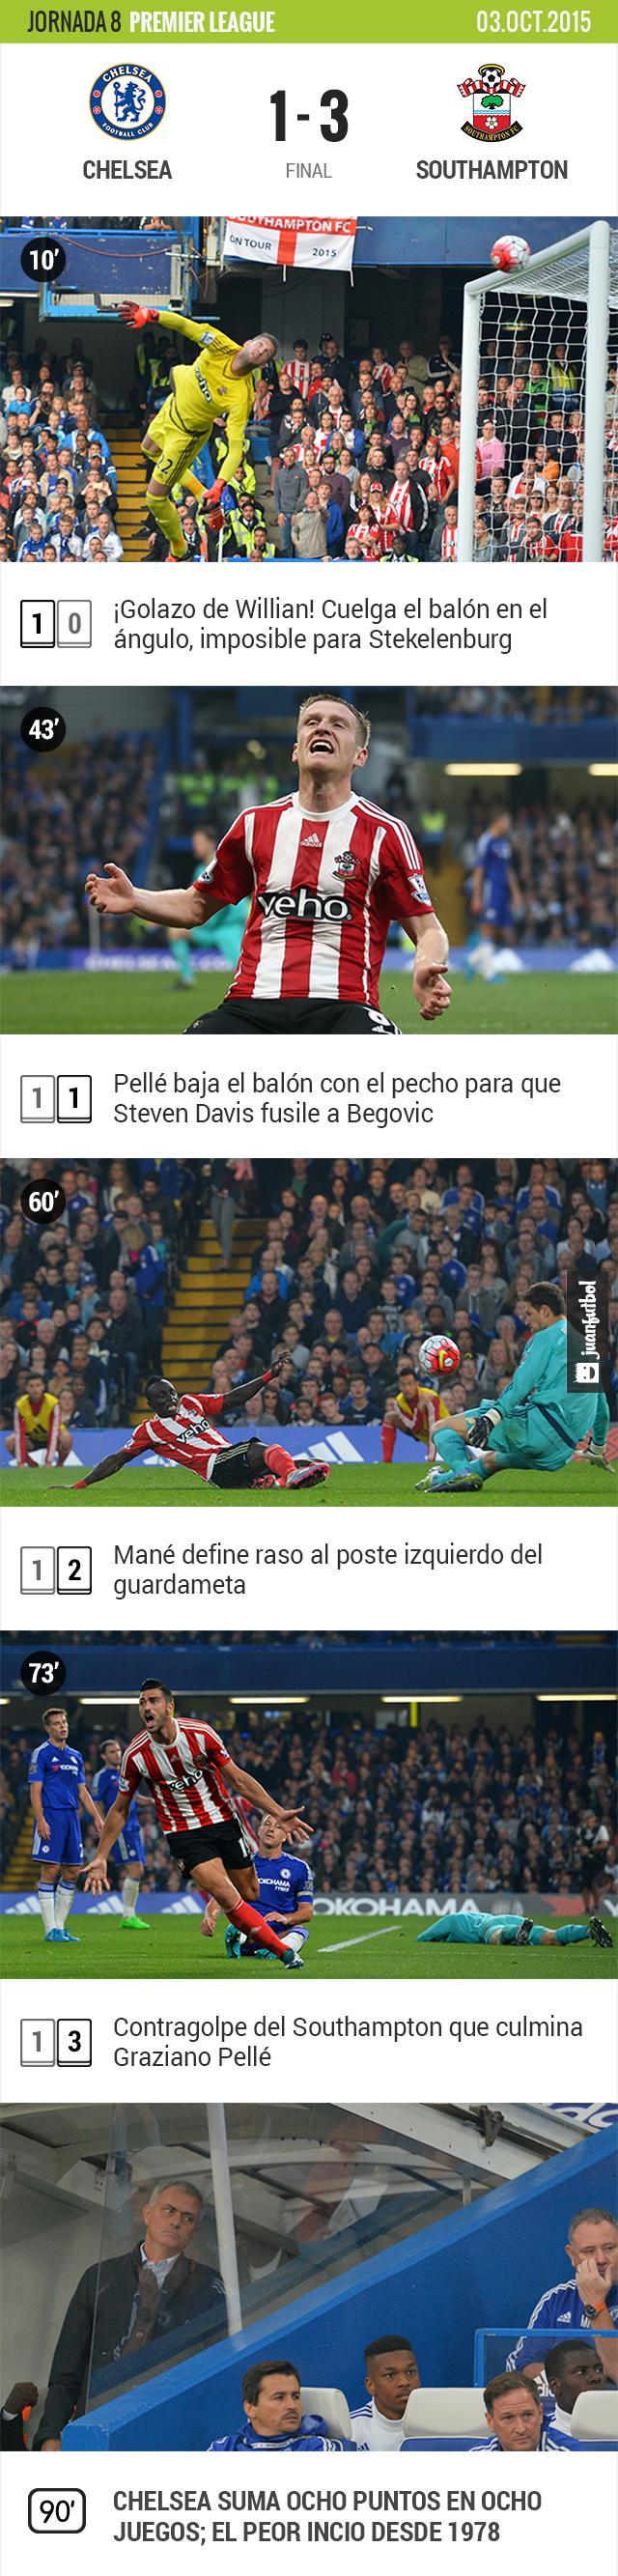 Chelsea pierde 1-3 frente al Southampton. Mourinho suma ocho puntos en ocho partidos